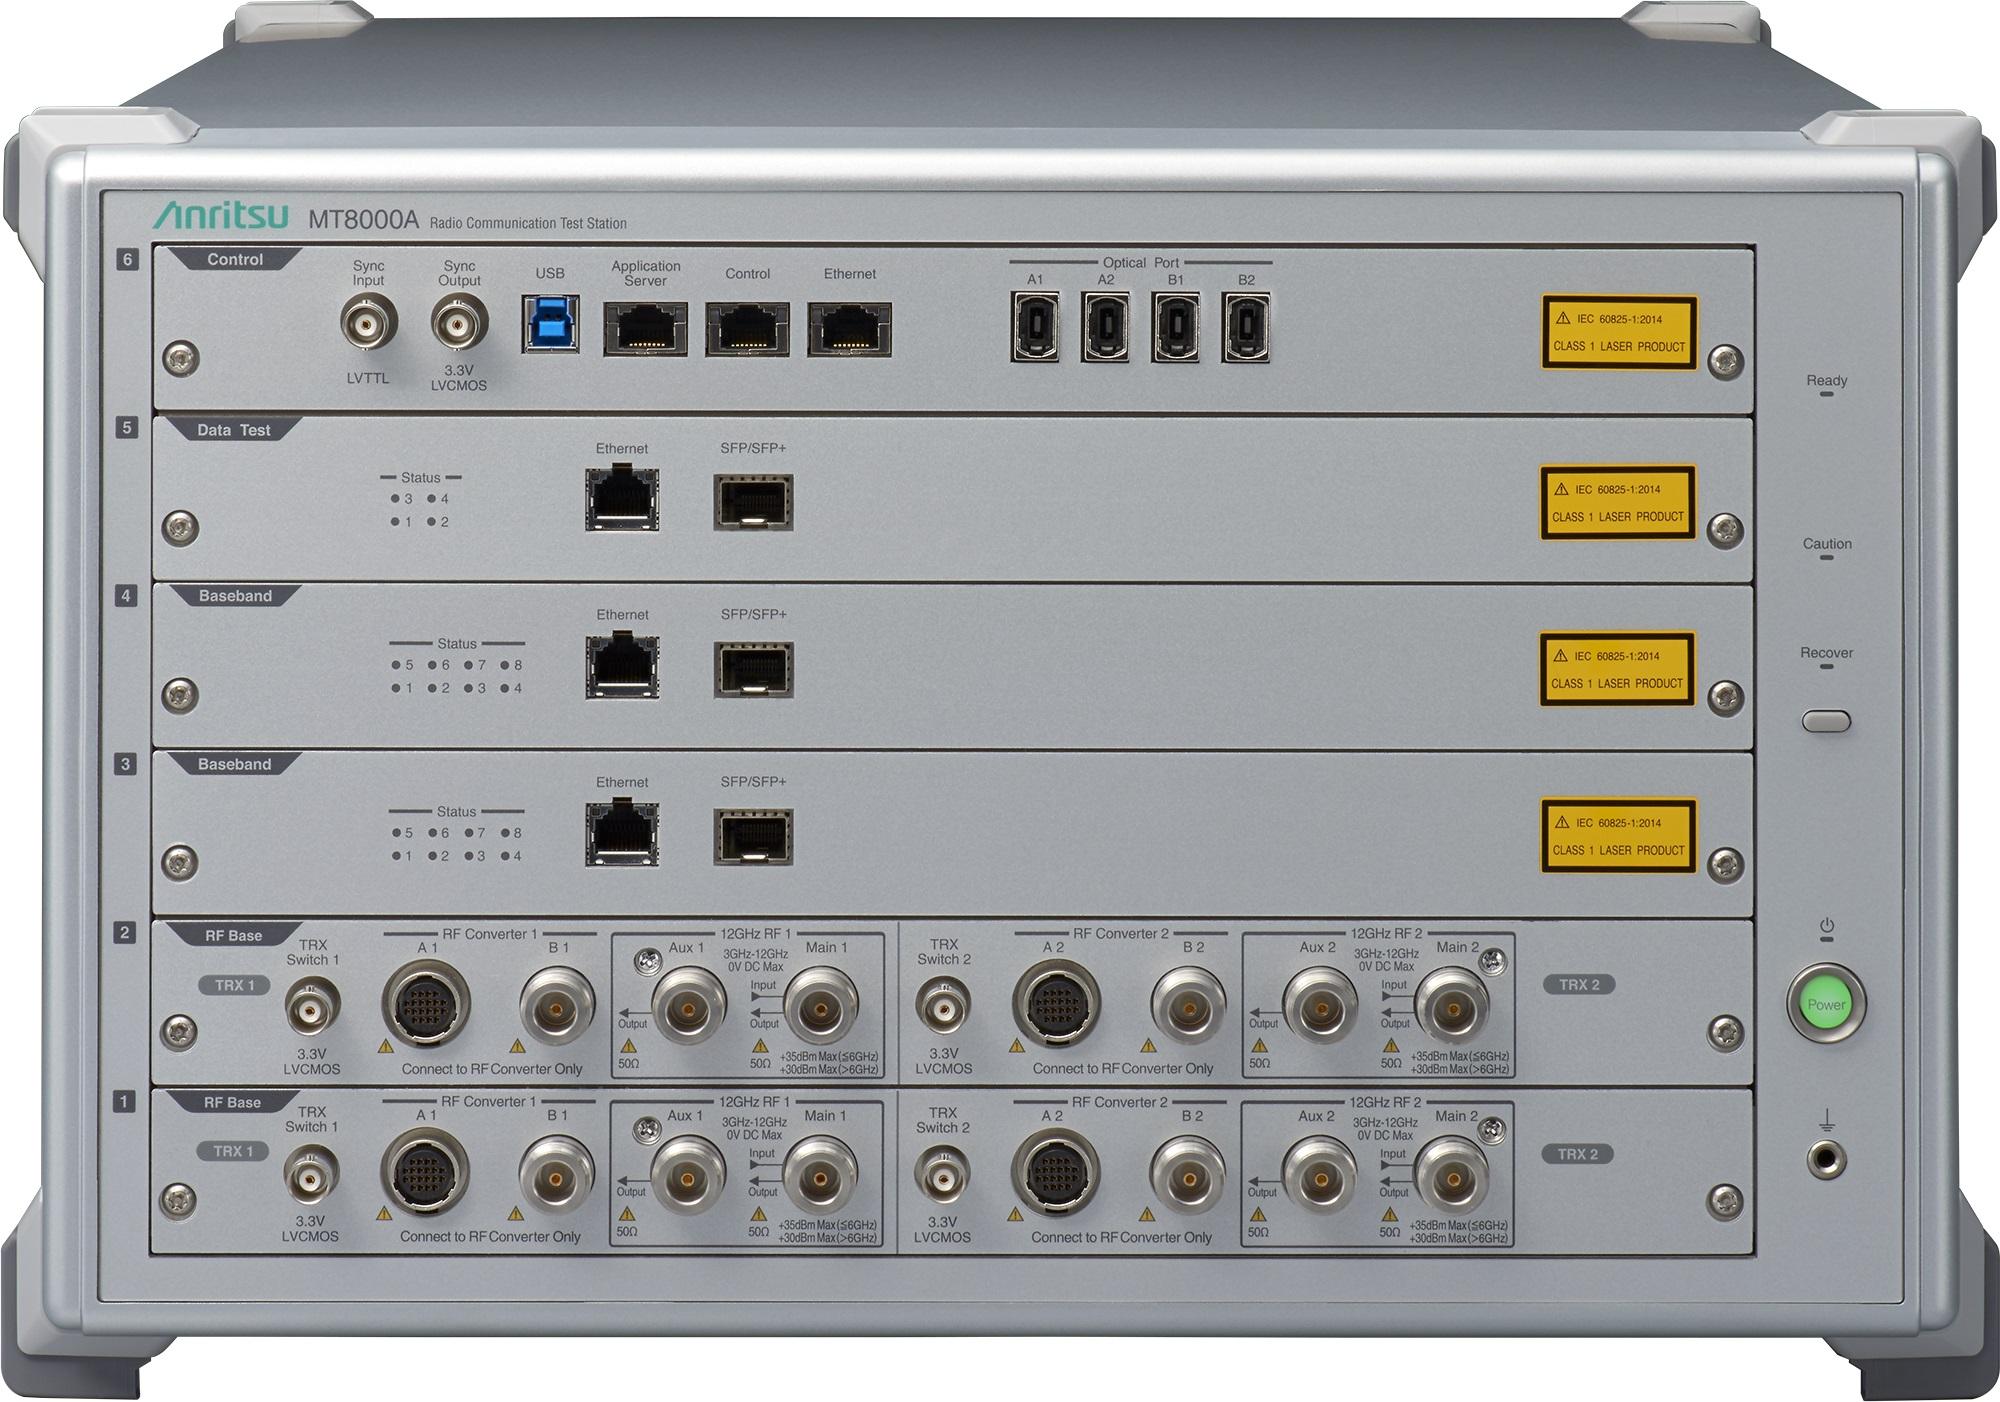 ラジオコミュニケーションテストステーション「MT8000A」